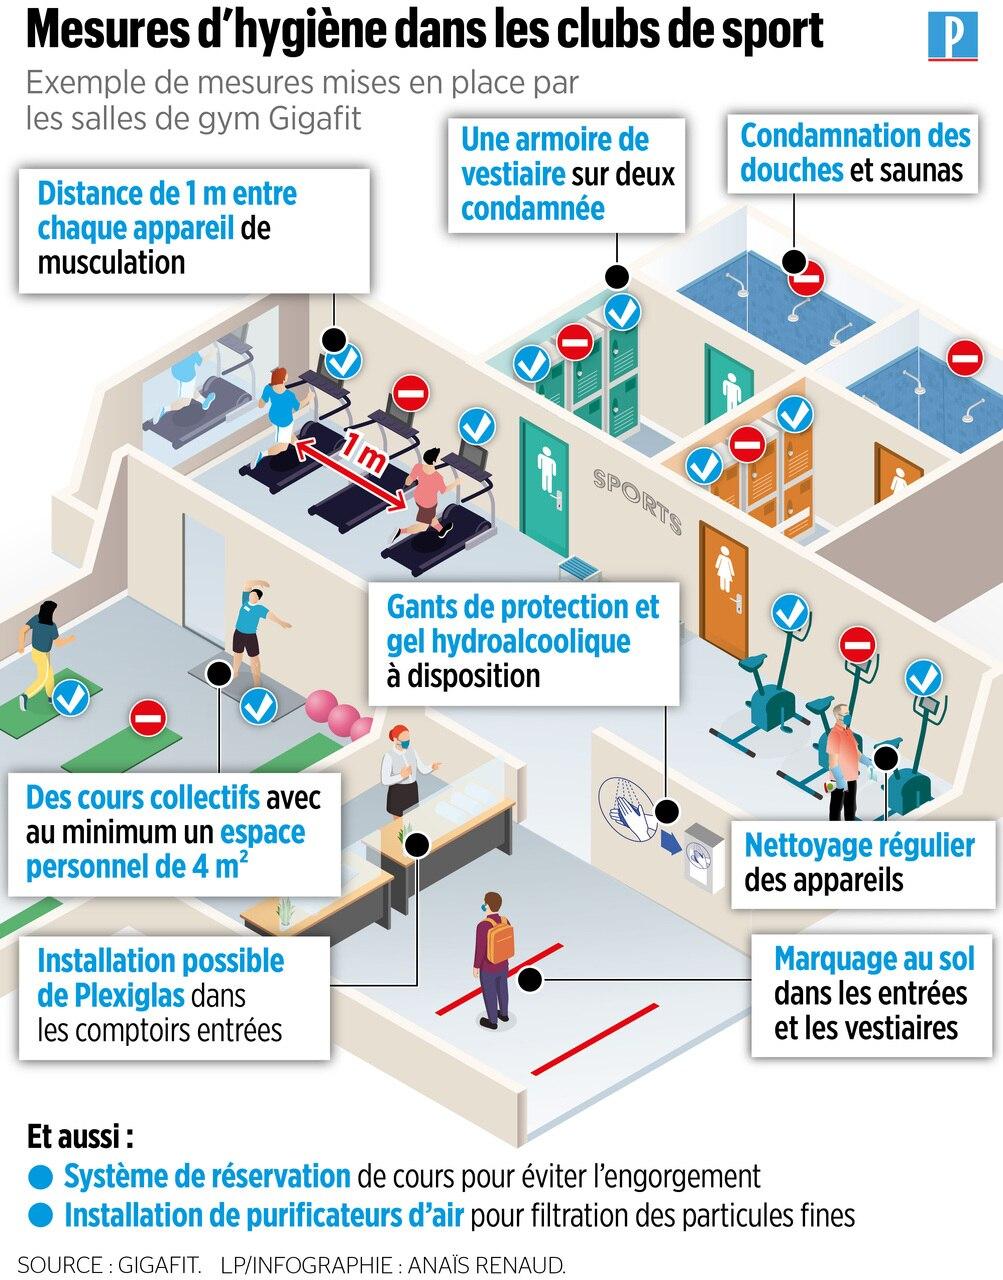 Deconfinement Toujours Fermees Les Salles De Sport S Impatientent Le Parisien